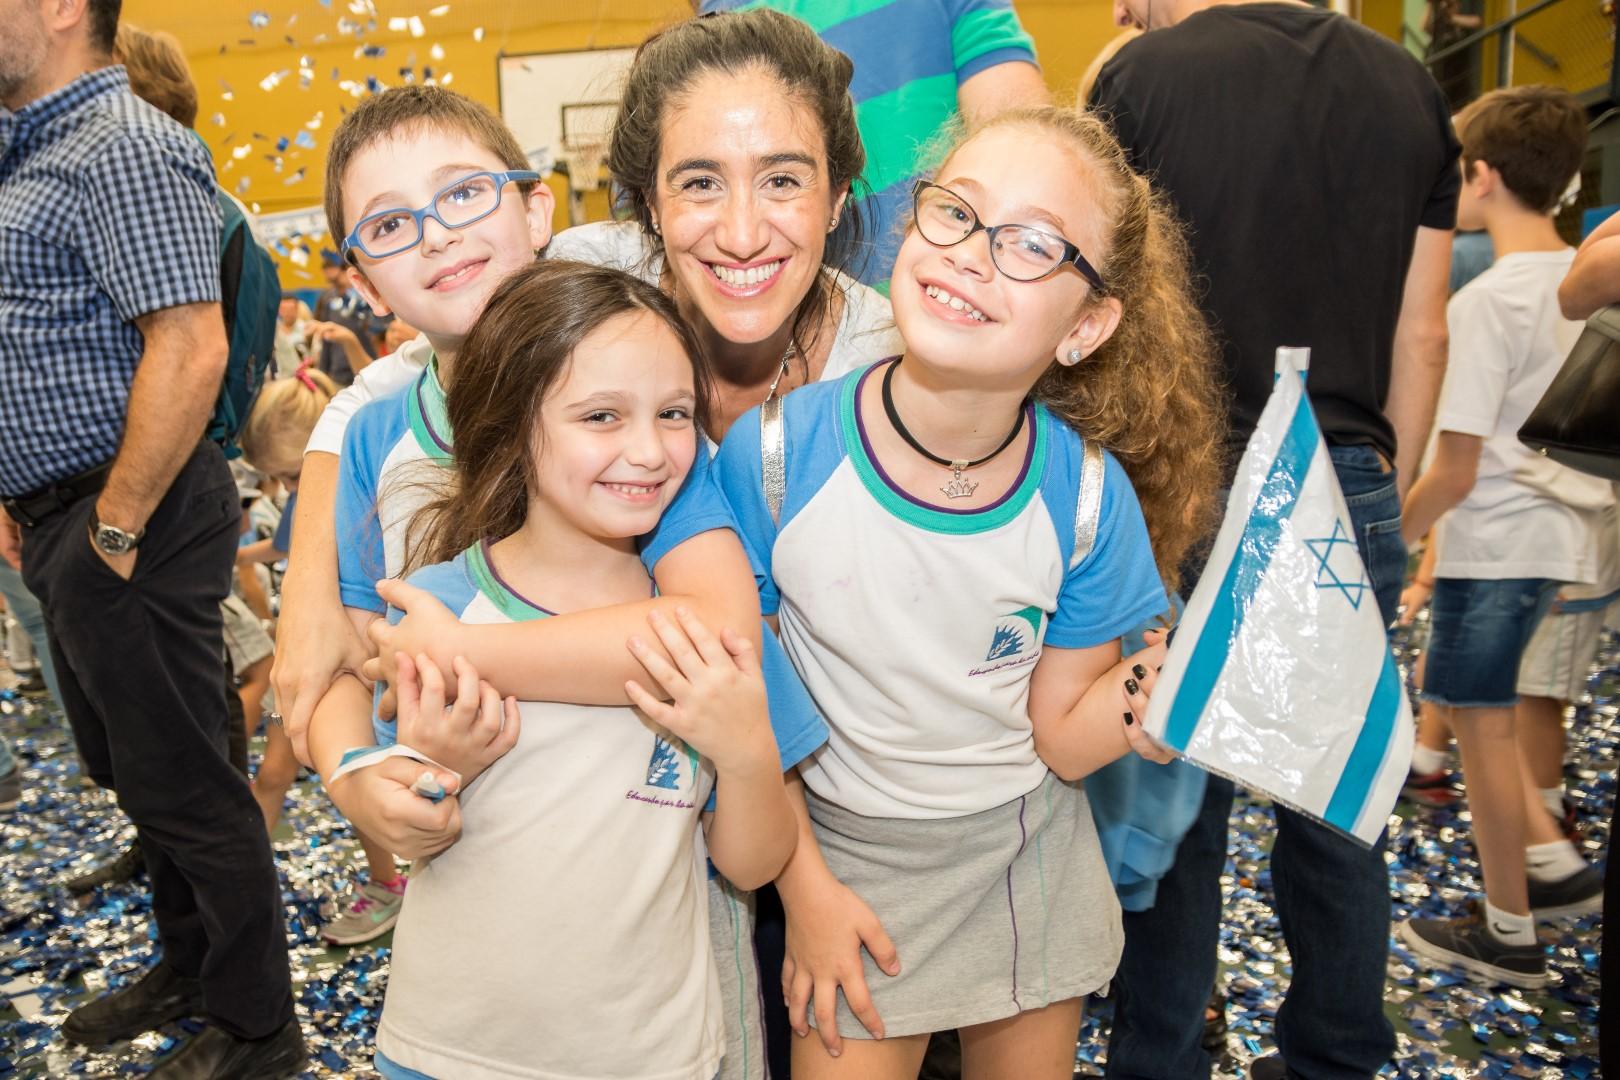 ¡Gran celebración por el 70° aniversario de la Independencia de Israel!